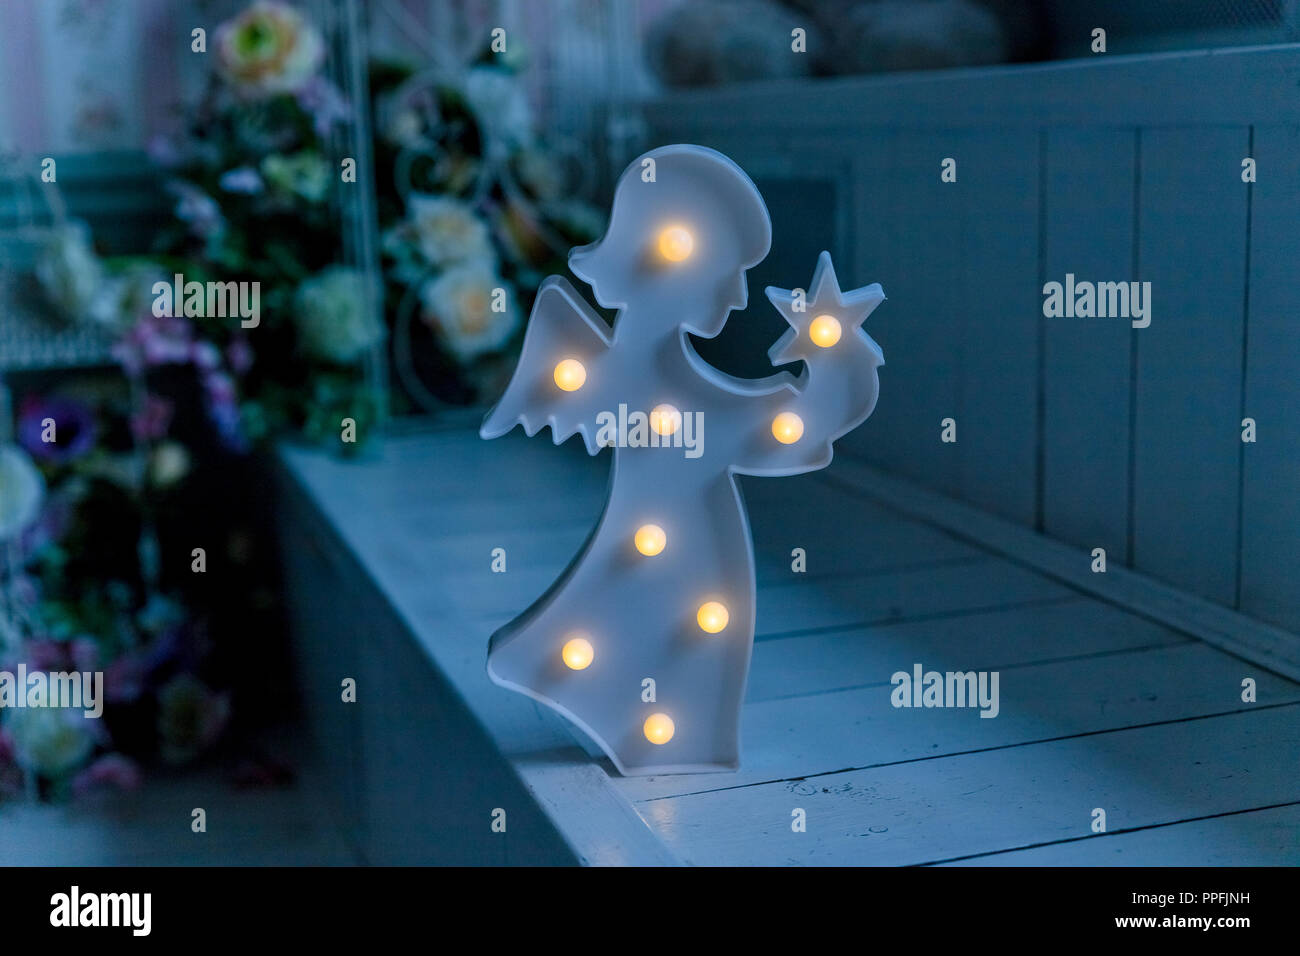 Foto Nachtlicht in Form von Engel im Kinderzimmer. Lampe ...